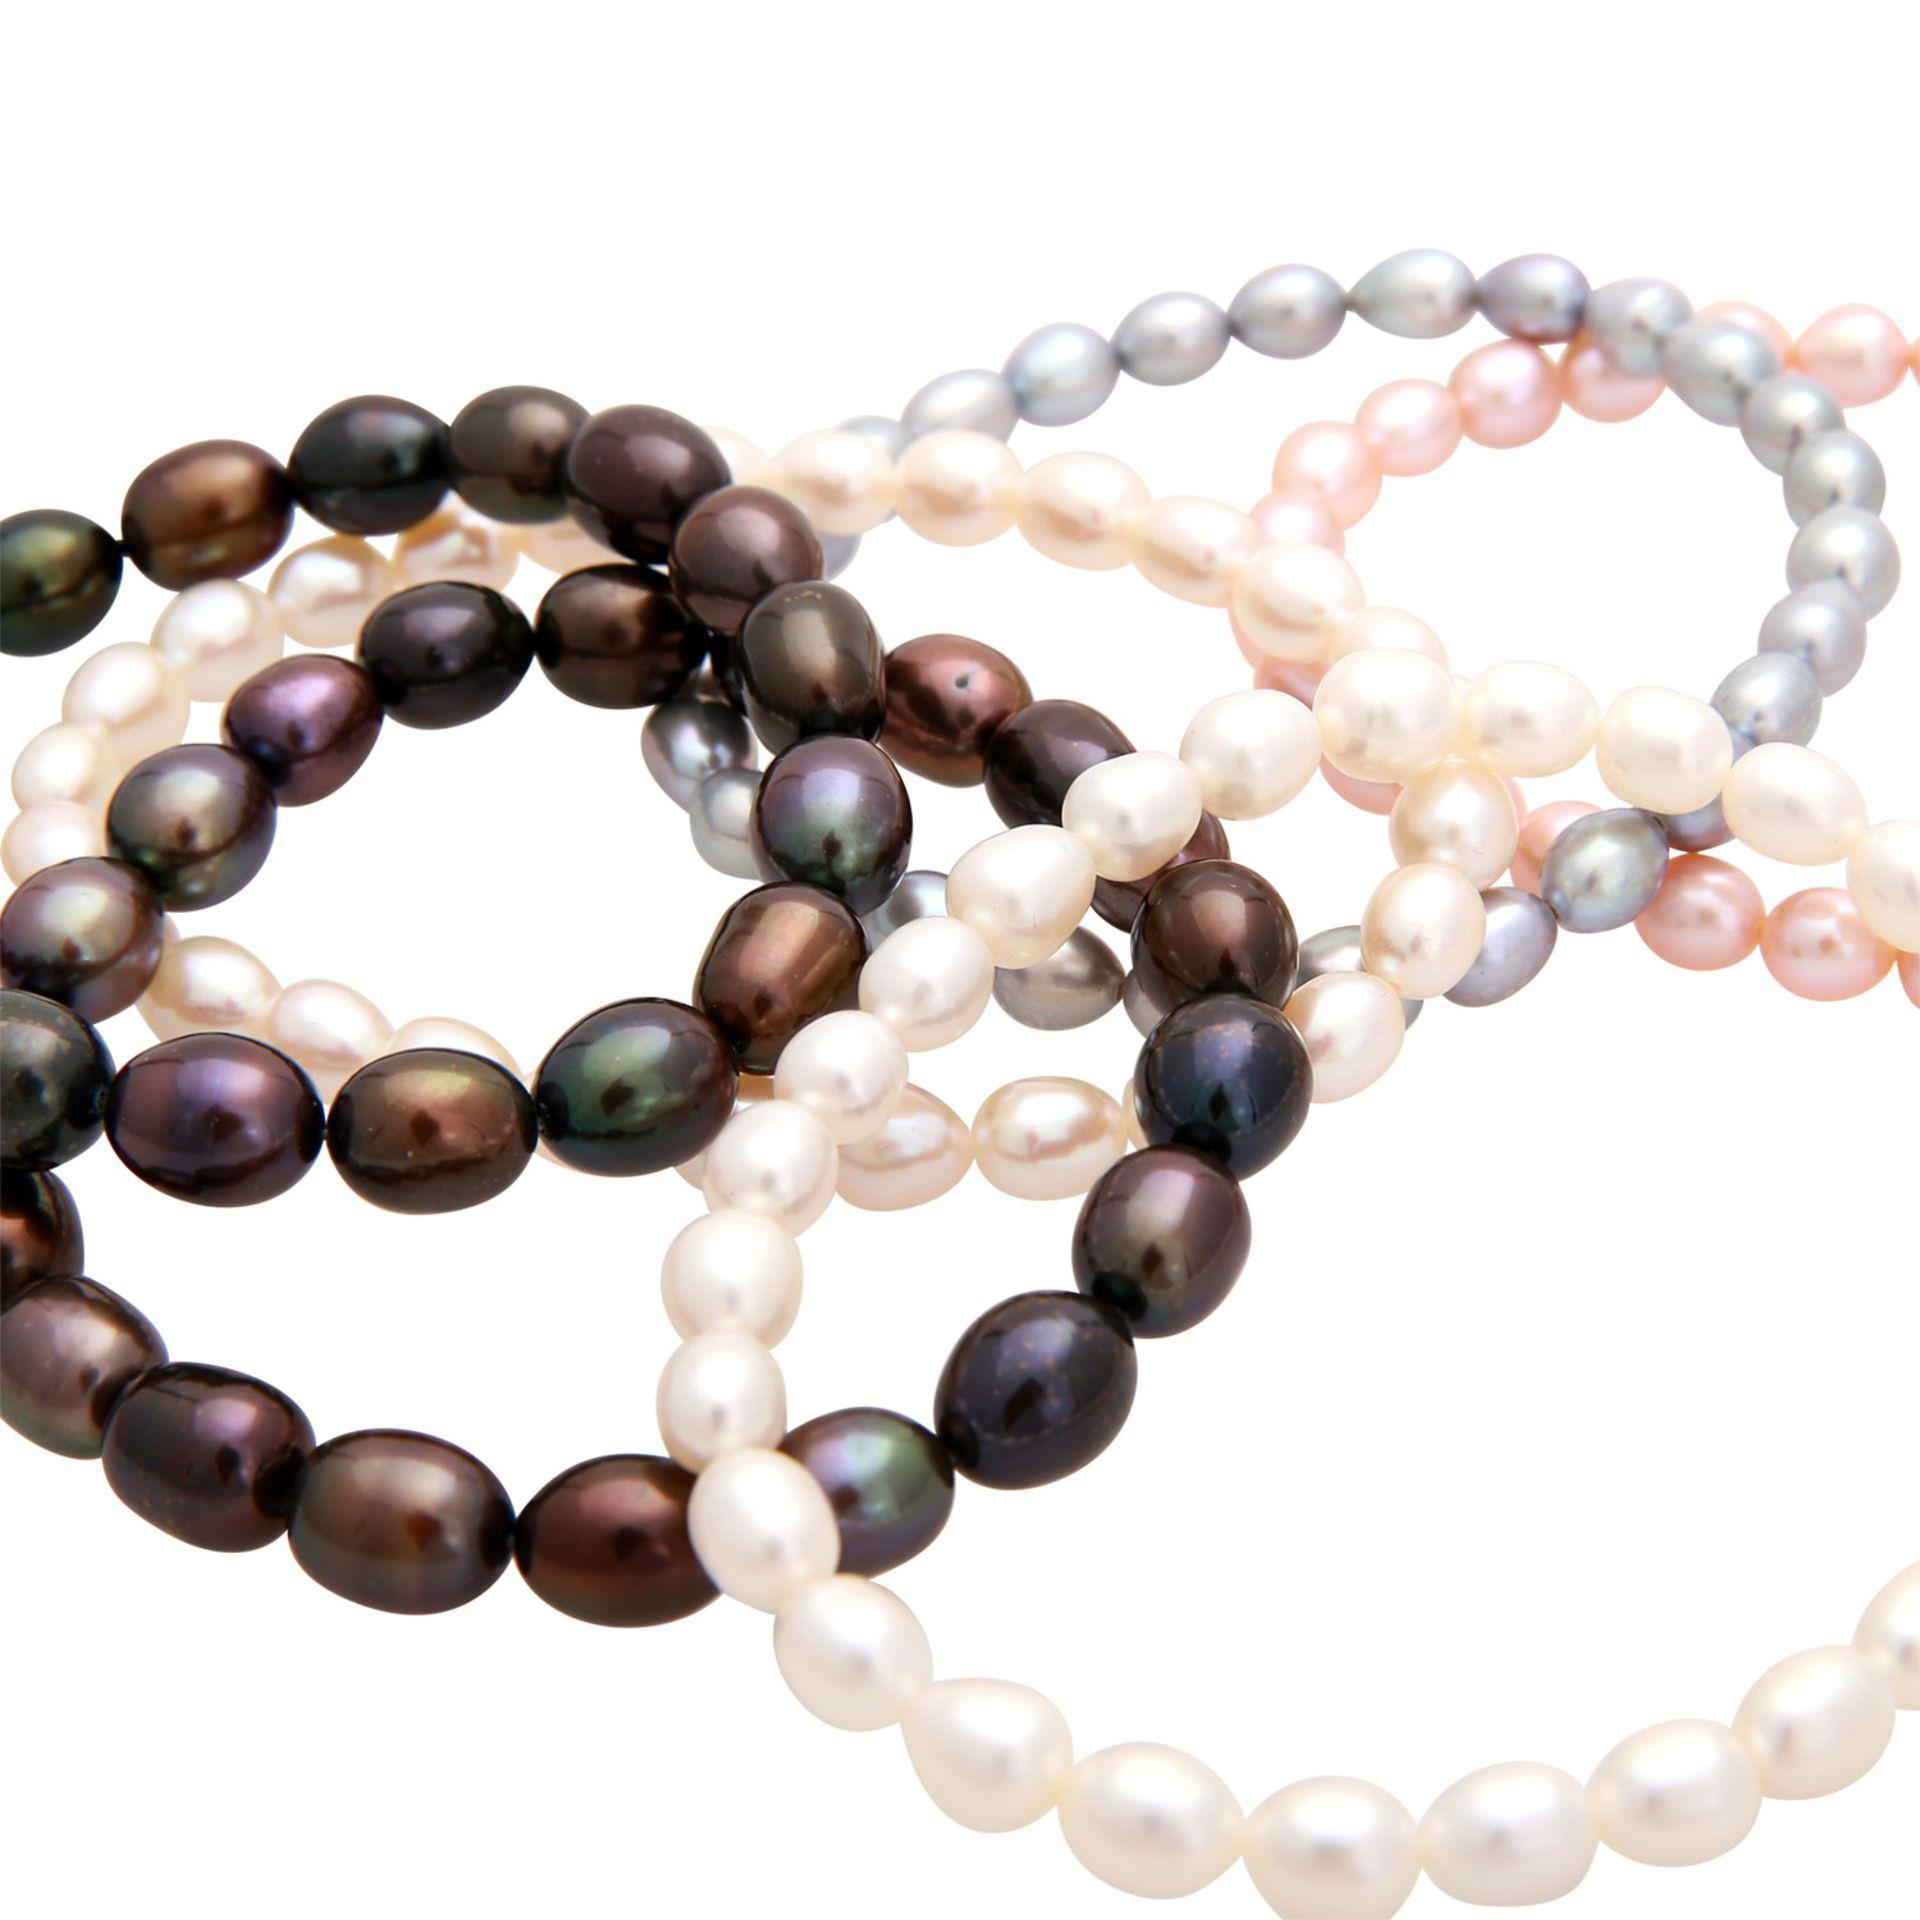 Los 83 - Konvolut von 6 Perlarmbändern, Süßwasserzuchtperlen, teilw. gefärbt und behandelt, auf Gummiband,